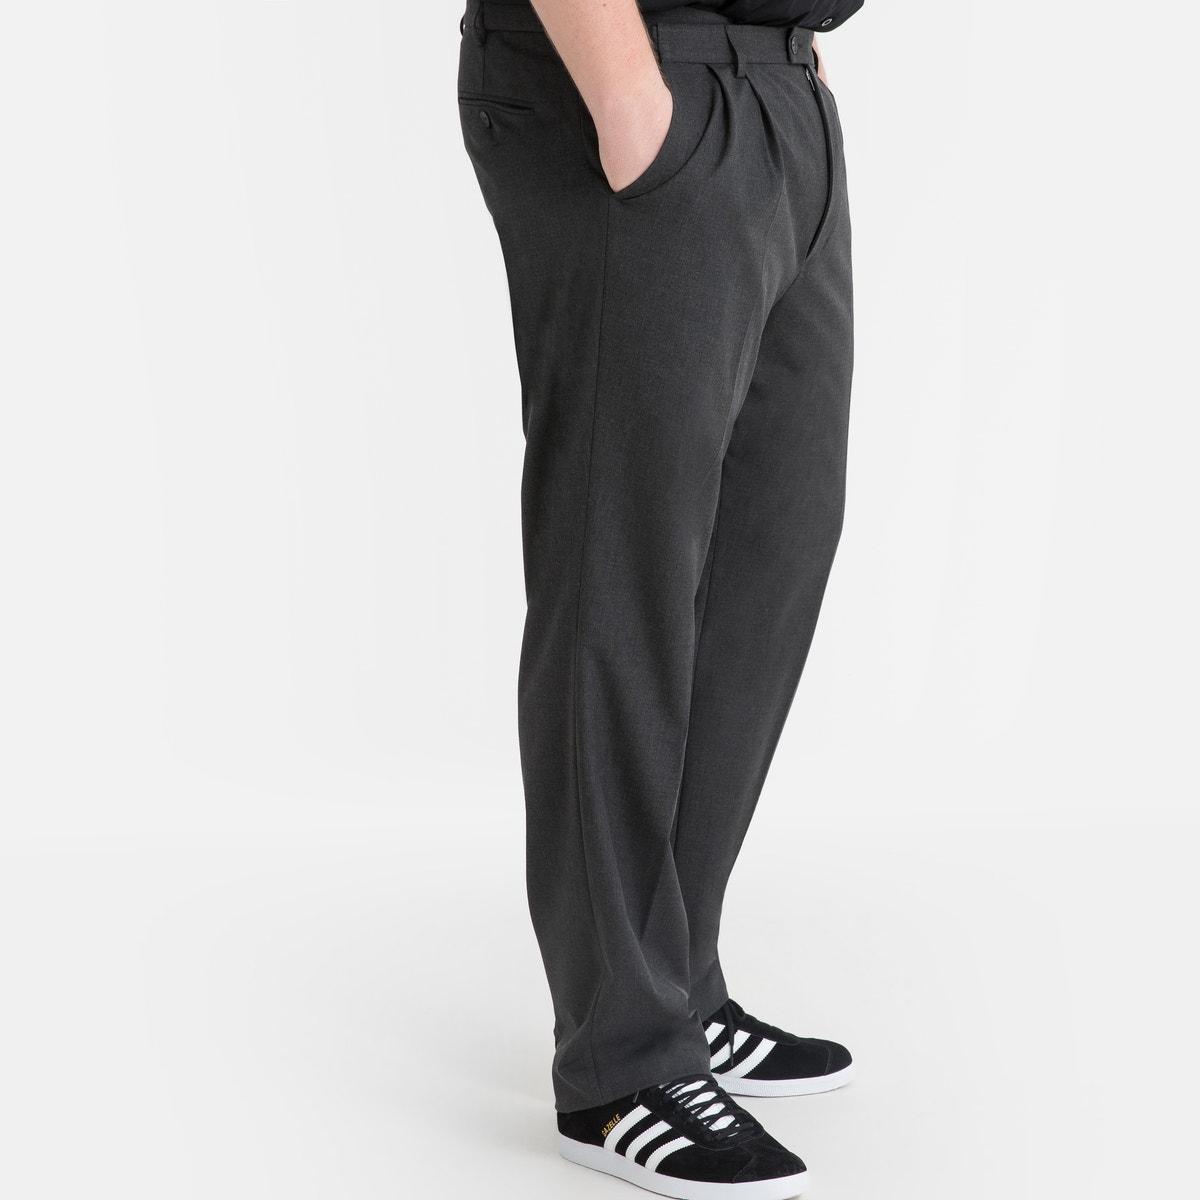 Φορέστε αυτό το παντελόνι με το αντίστοιχο σακάκι ως σύνολο, ή φορέστε το και ξεχωριστά.Παντελόνι εξαιρετικής ποιότητας, λίγο ελαστικό ύφασμα: 62% πολυεστέρας, 33% βισκόζη, 5% ελαστάνη. Επένδυση: 100% πολυεστέρας.Μεσαίο μήκος (κατάλληλο εφόσον το ύψος σας είναι μέχρι 1,87 μ.).Μέση με κρυφή ρύθμιση για να έχετε τη μέγιστη άνεση φορώντας το.Προσαρμόζεται εύκολα σε διάφορα μεγέθη μέσης. Κουμπώνει με φερμουάρ, κουμπί και γαντζάκι. 2 πλαϊνές τσέπες και 1 τσέπη με κουμπί στην πίσω πλευρά. Ημιτελή στριφώματα.Μήκος:- Μήκος εσωτερικής πλευράς ποδιού : από 84,8 έως 87,8 εκ., ανάλογα με το μέγεθος.- Πλάτος στριφωματος: από 21,9 έως 27,9 εκατοστά, ανάλογα με το μέγεθος. Διαθέσιμο και σε μεγάλο μήκος: (αν το ύψος είναι πάνω από 1,87 μ.) καθώς και σε έκδοση χωρίς πιέτες.